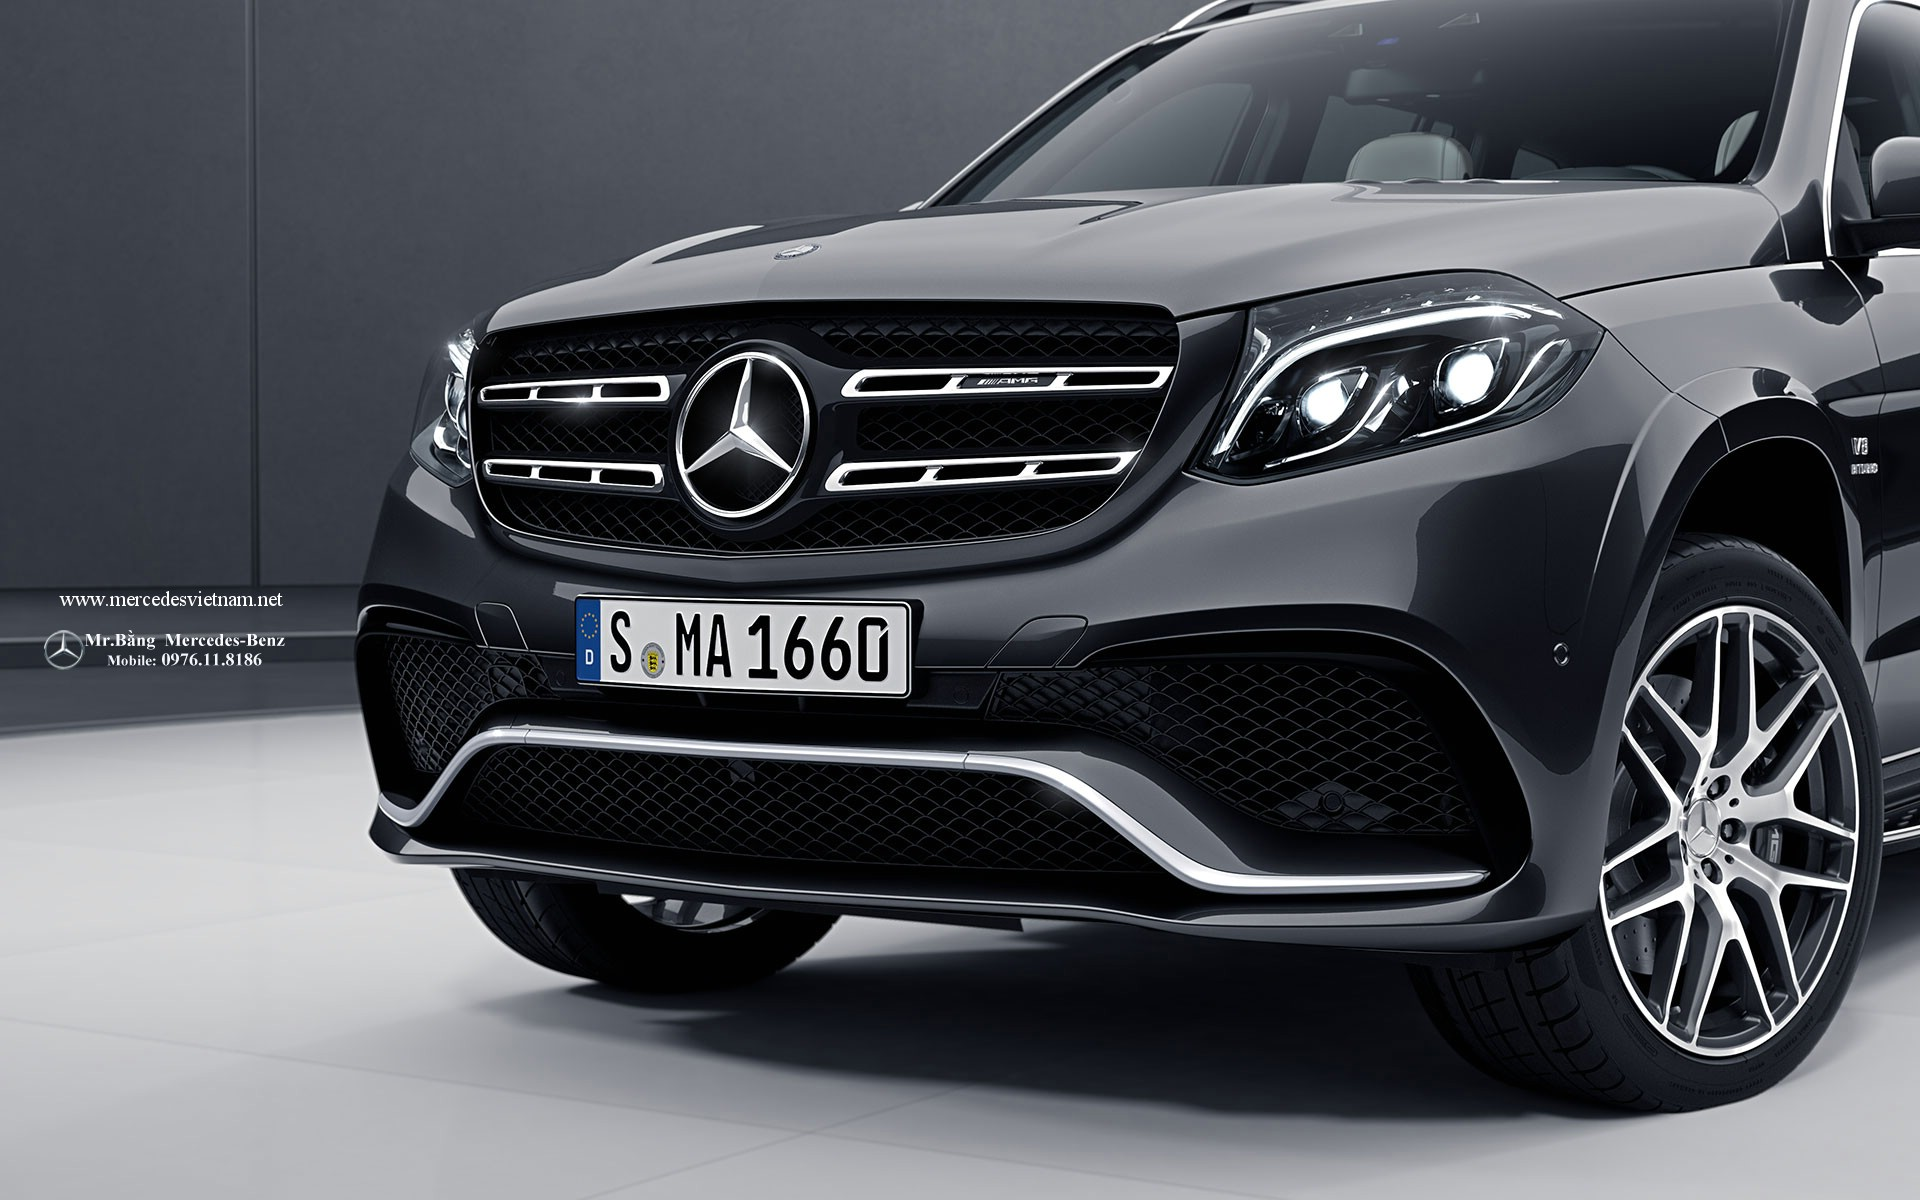 Mercedes AMG GLS 63 4Matic 2016 2017 (2)